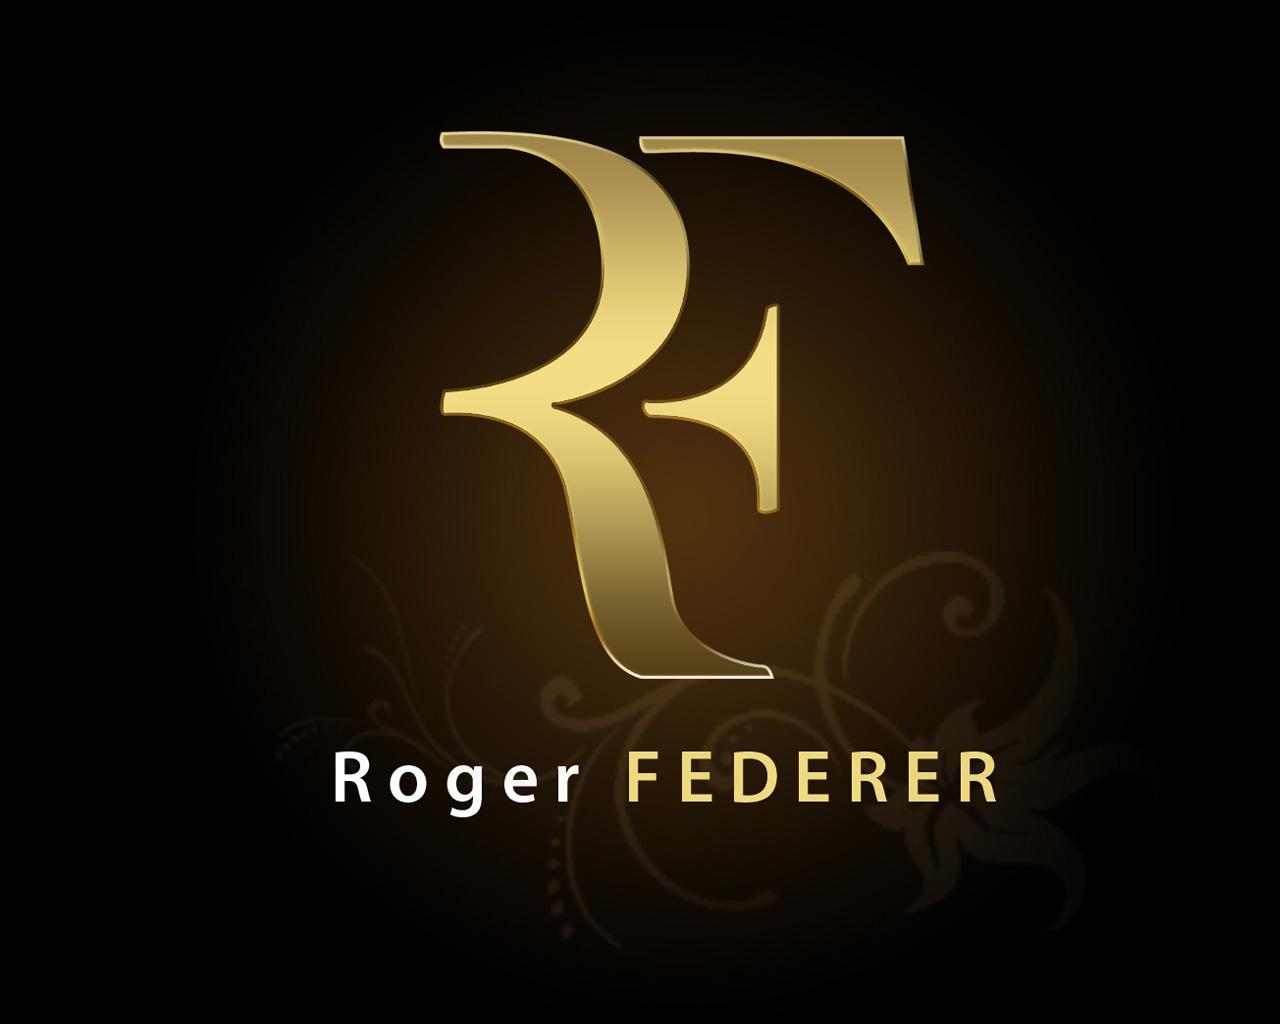 http://3.bp.blogspot.com/-cy6P6IIsqGI/UXYiIY2p5sI/AAAAAAAAAGw/myt-uS4FXVw/s1600/roger-federer-logo.jpg